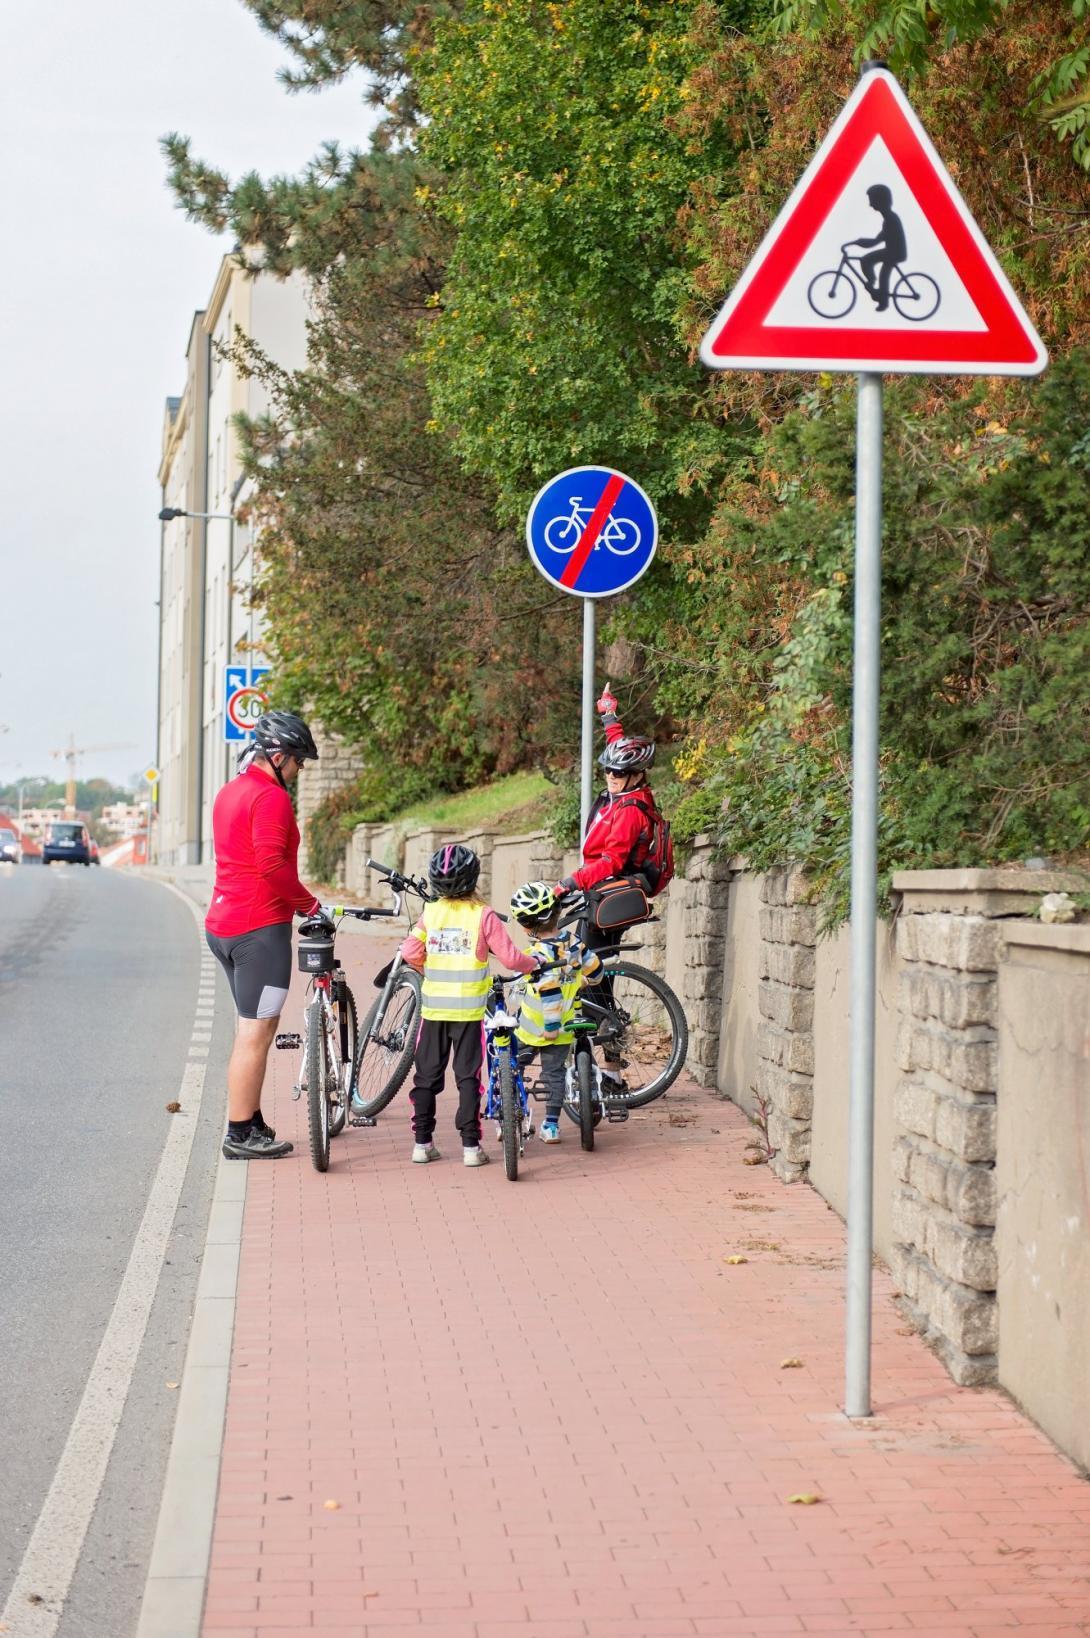 Cyklovýlet - konec stezky pro cyklisty